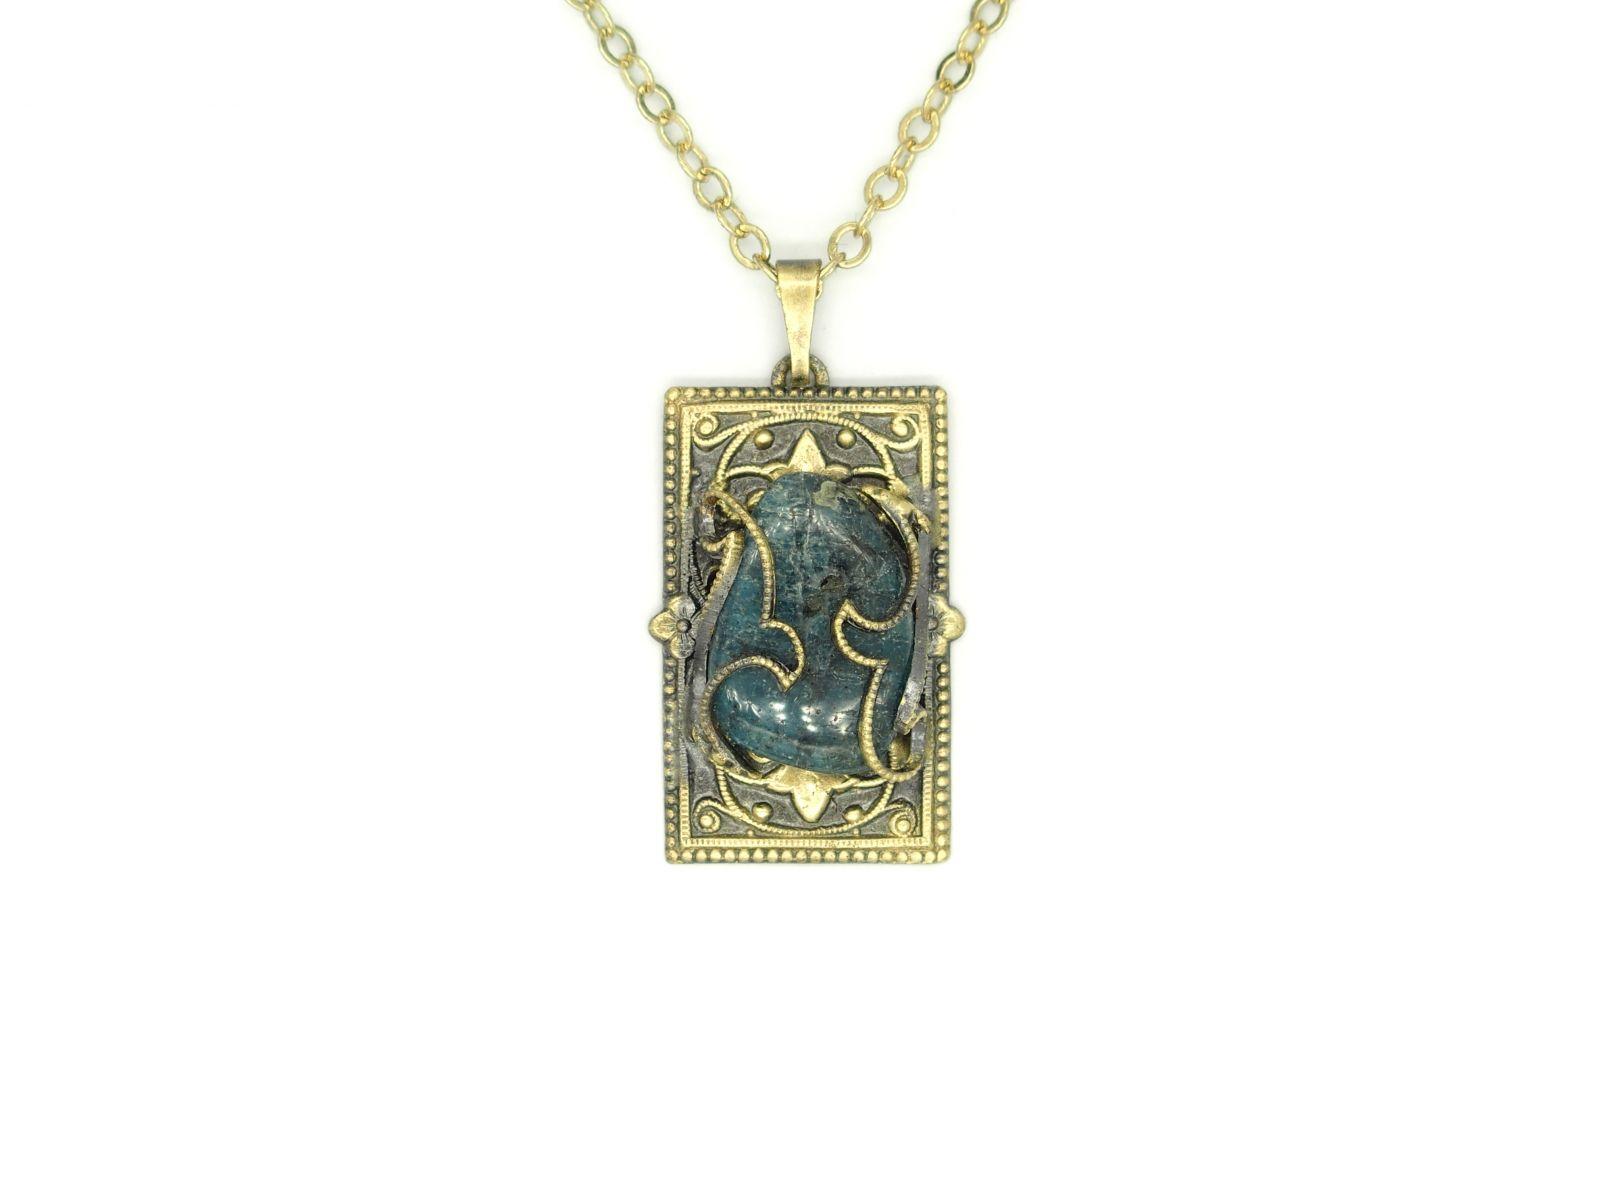 náhrdelník s přívěskem (b)